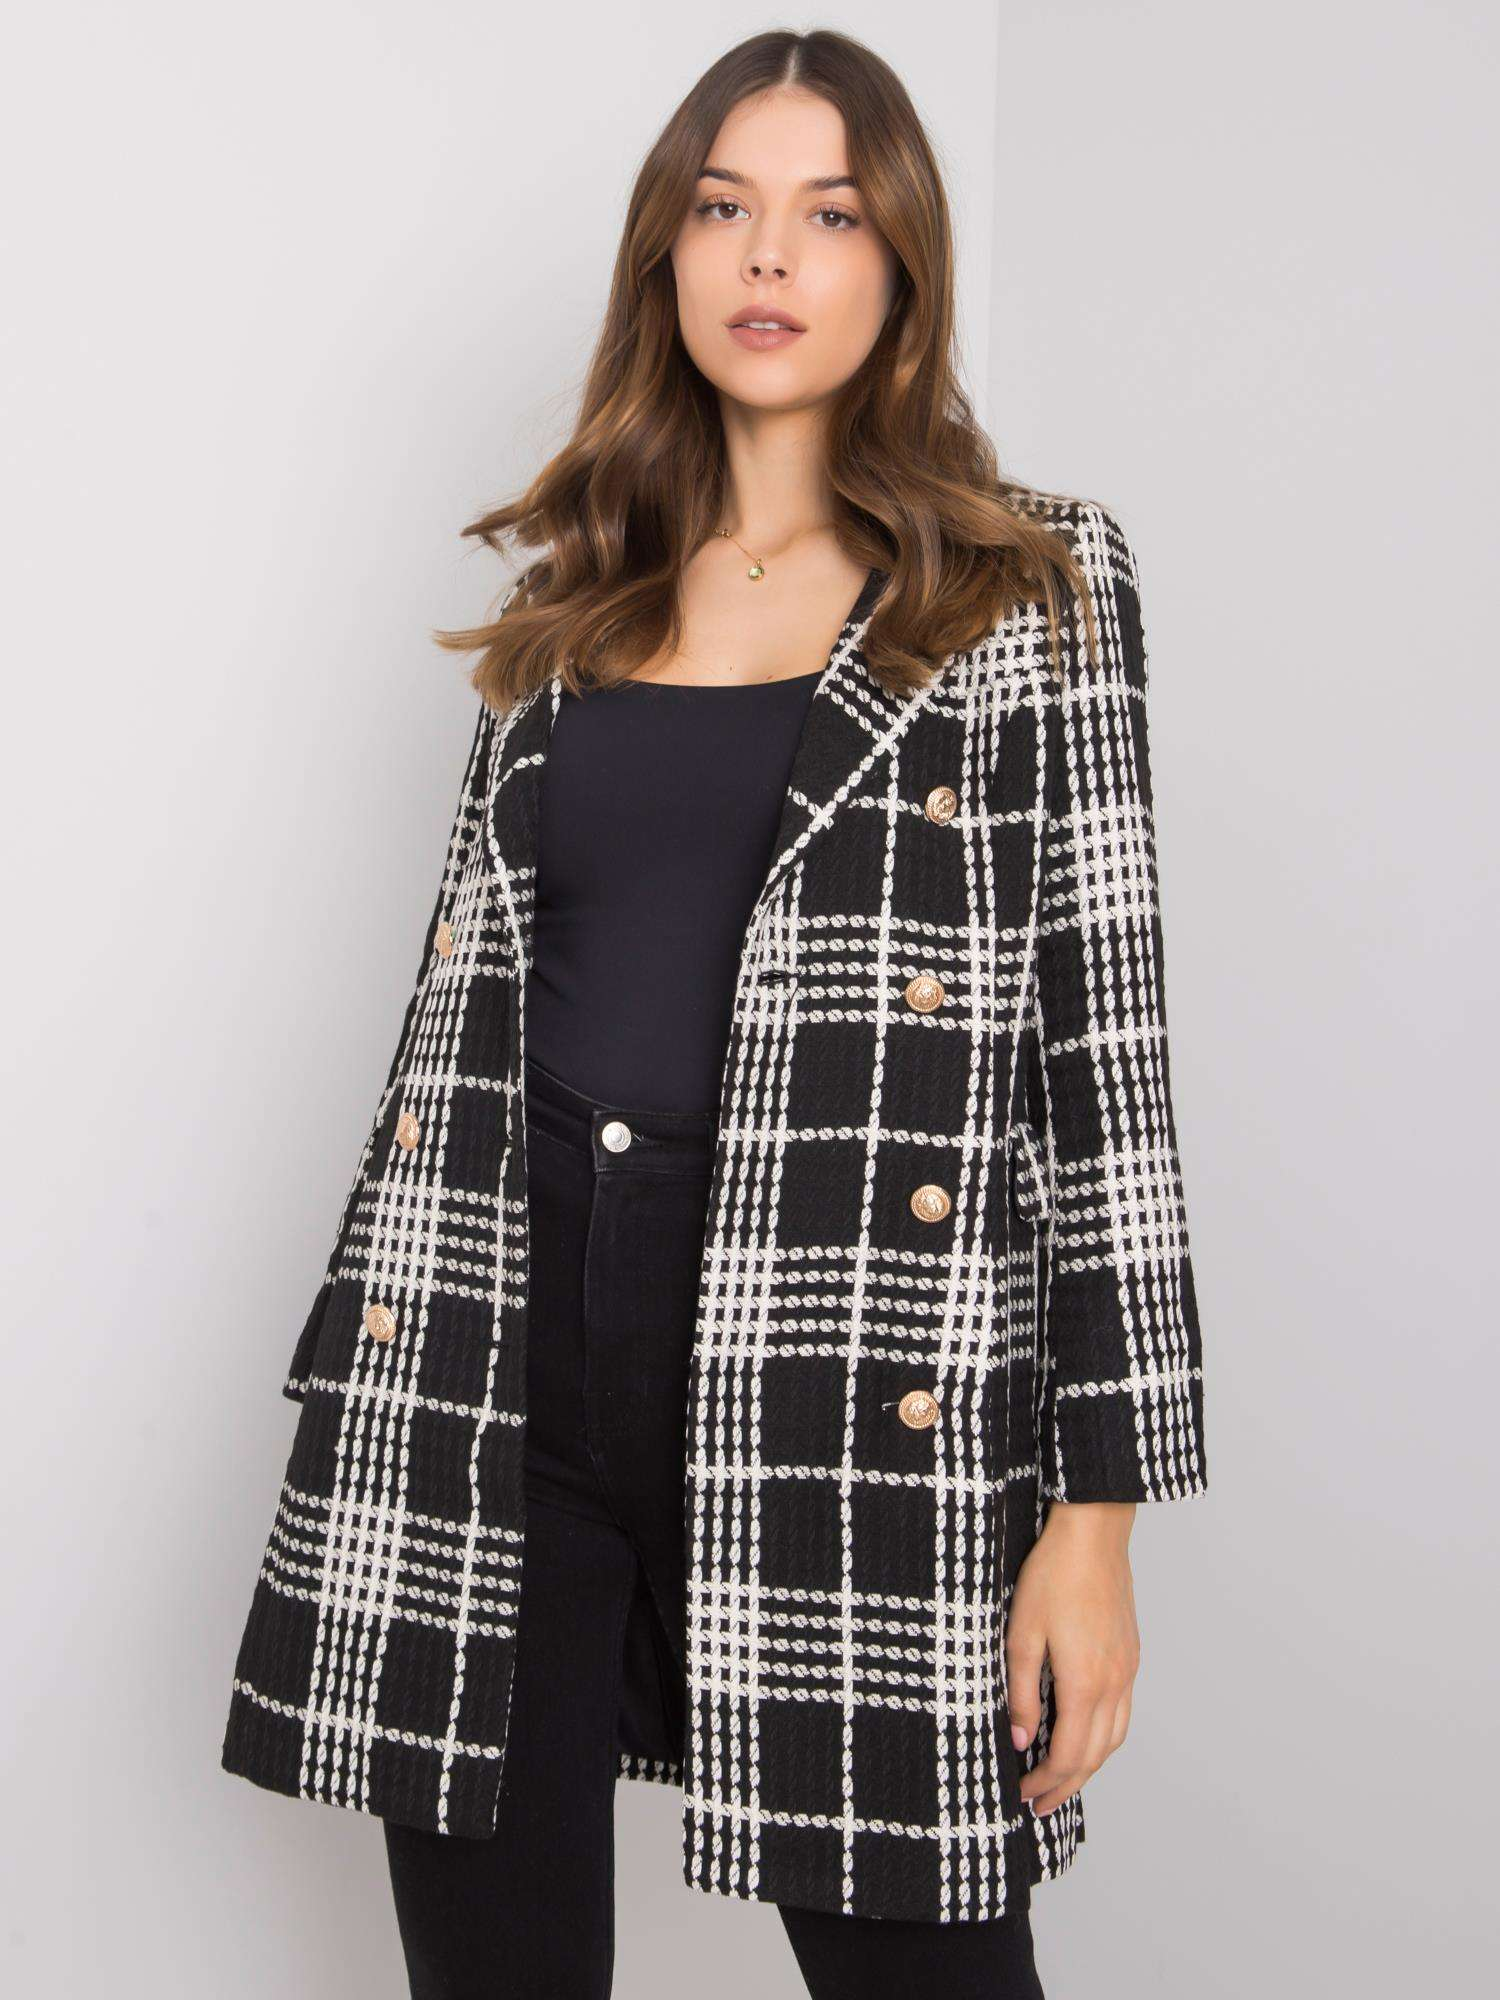 Černý a bílý dámský kostkovaný kabát